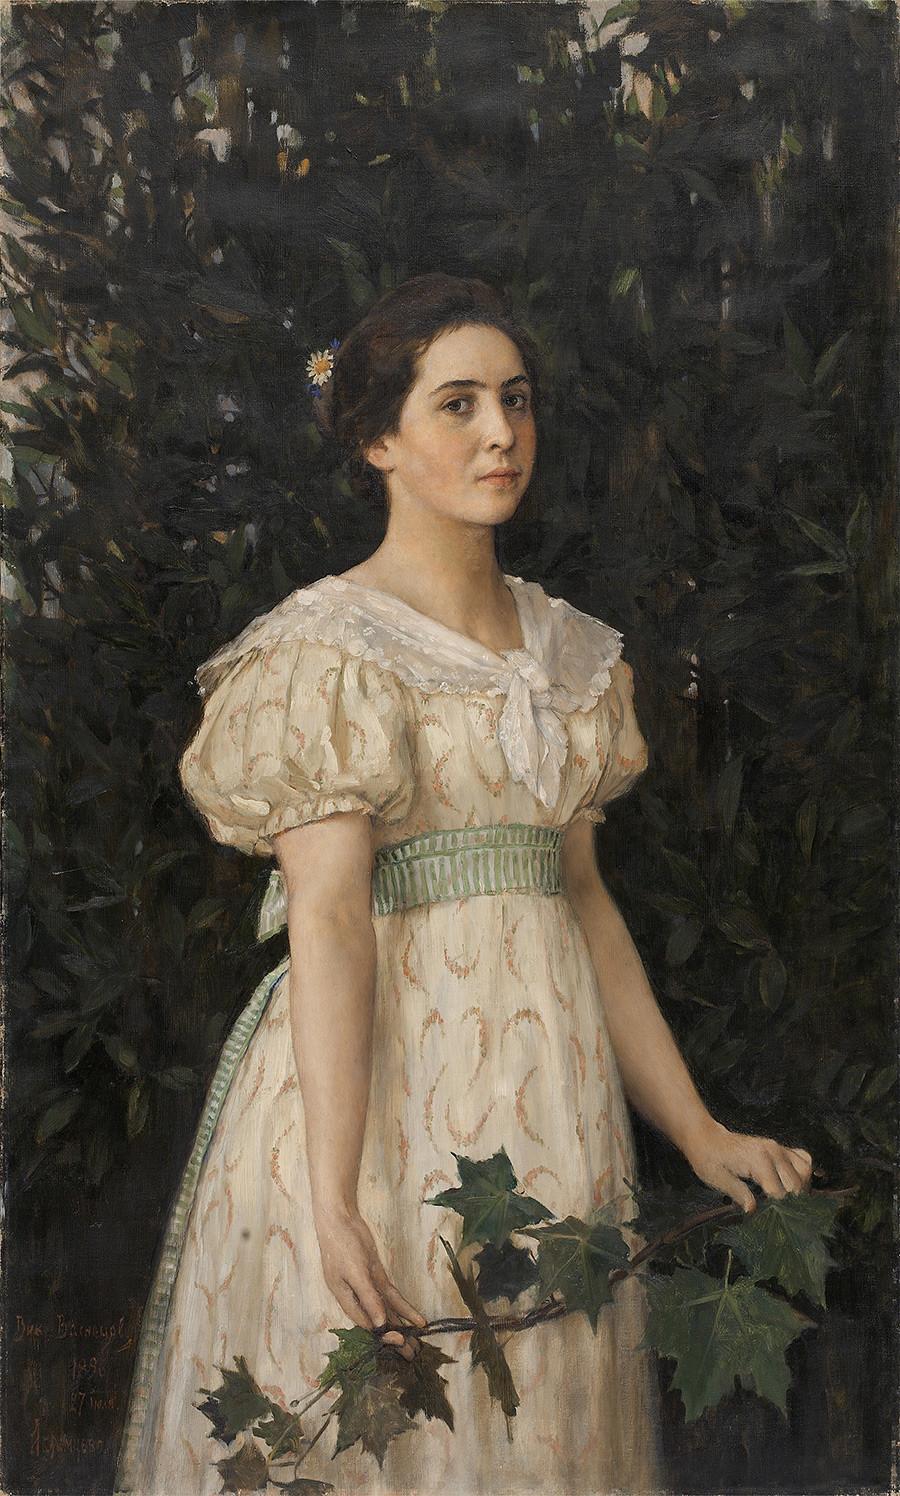 『少女と楓の枝』、1896年